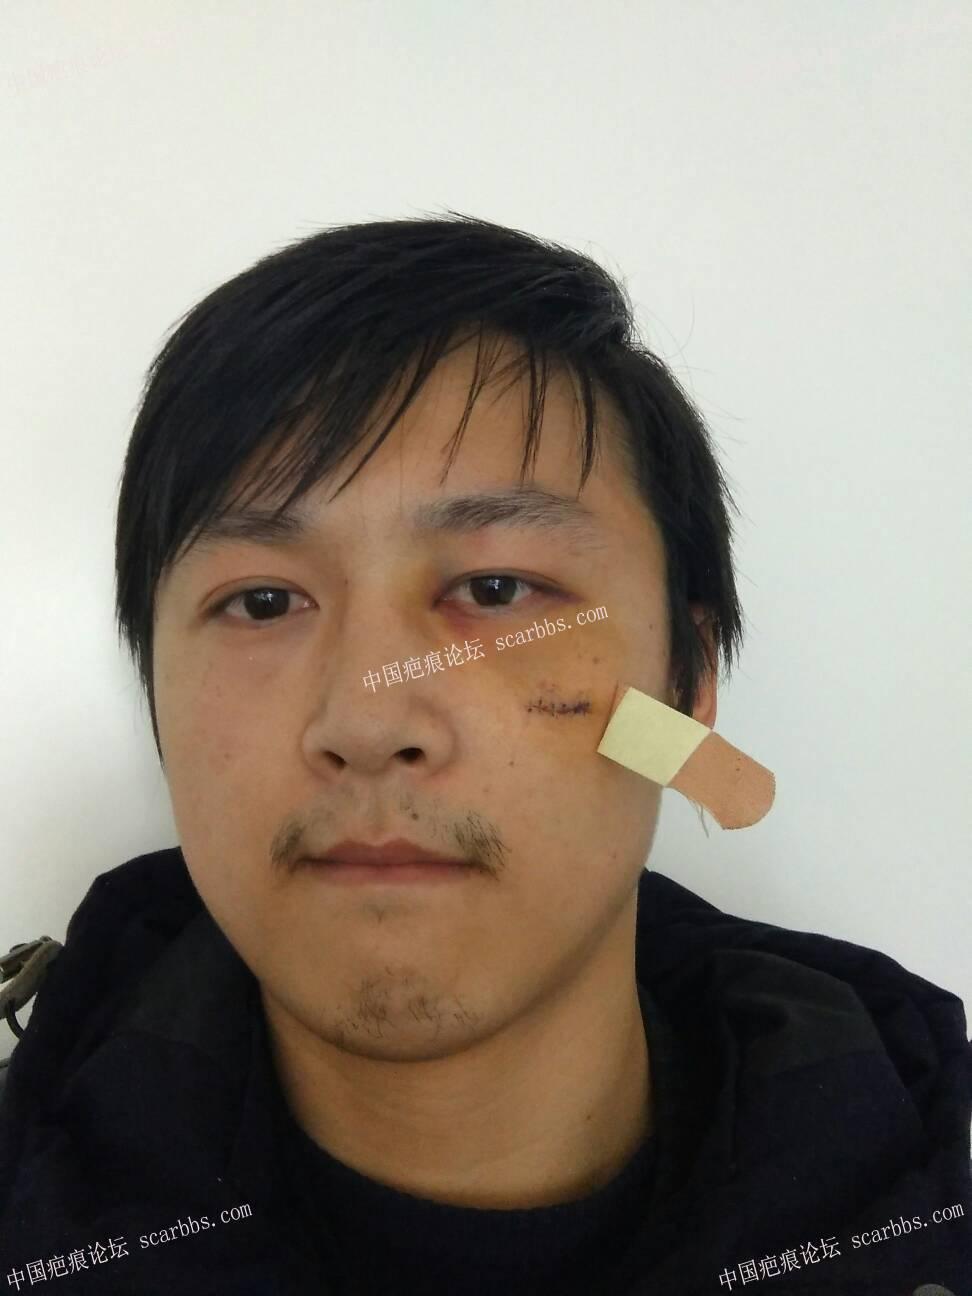 打篮球被肘子打破脸,颧部2cm伤口